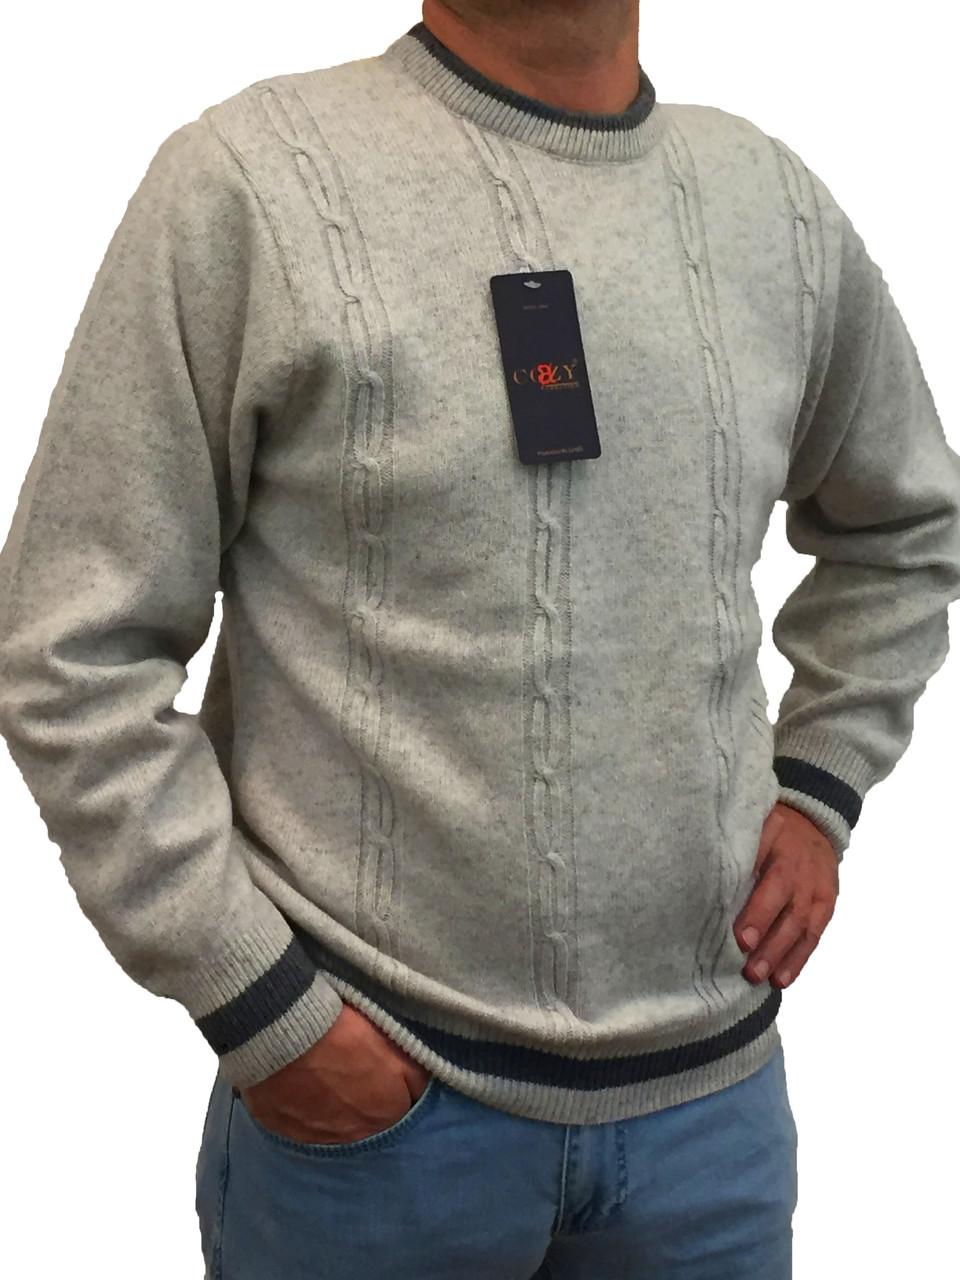 Мужской теплый свитер № 1620 серый с косичками